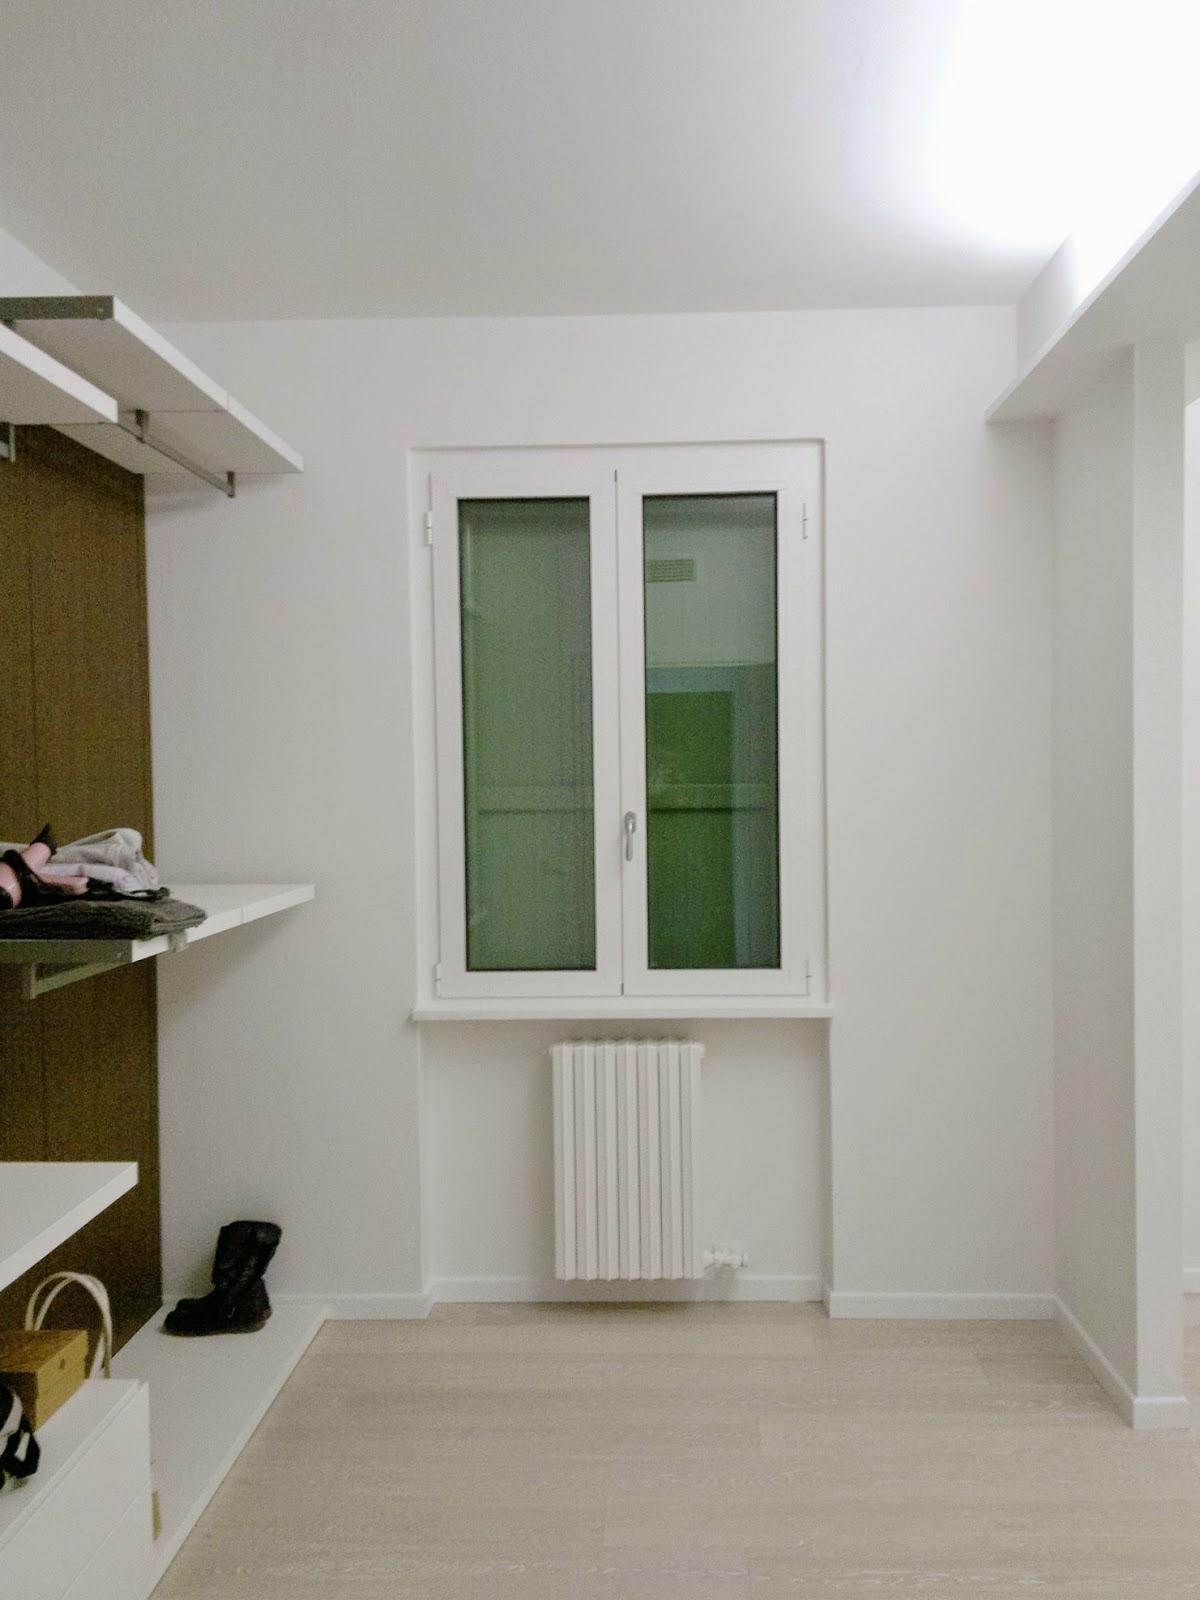 Sistemi Di Illuminazione A Led illuminazione led casa: torino - ristrutturando un appartamento